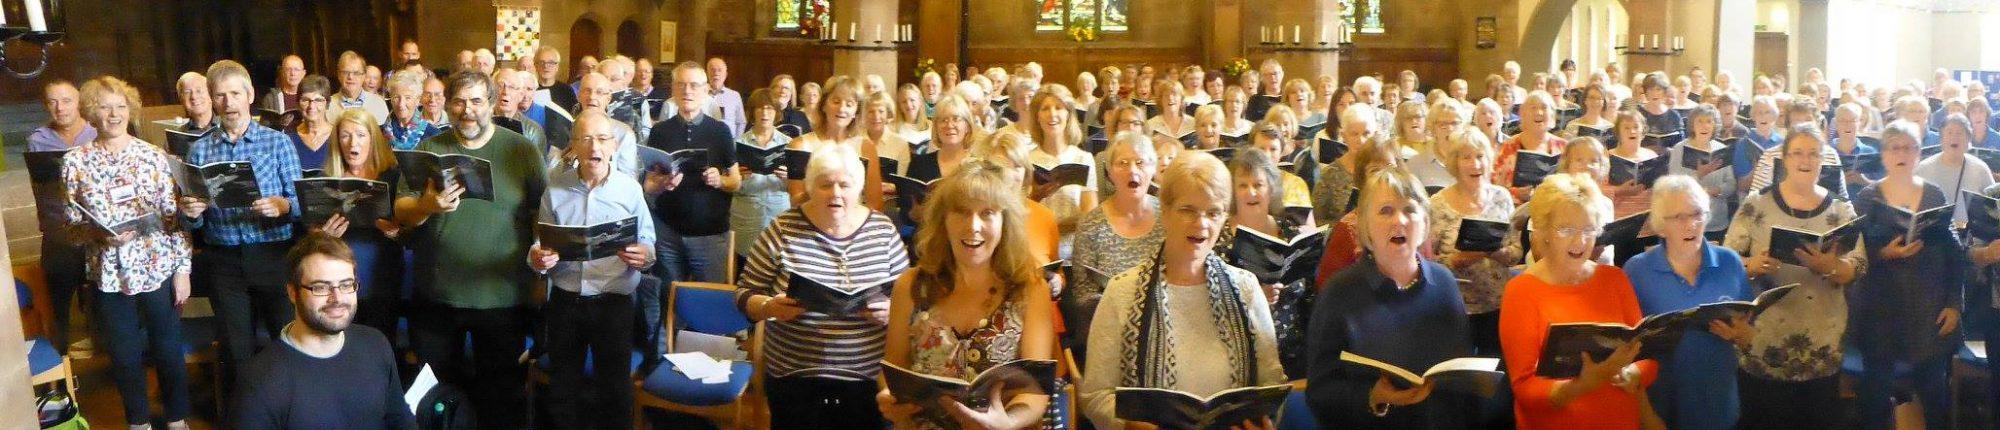 St Ann's Hospice Festival Choir